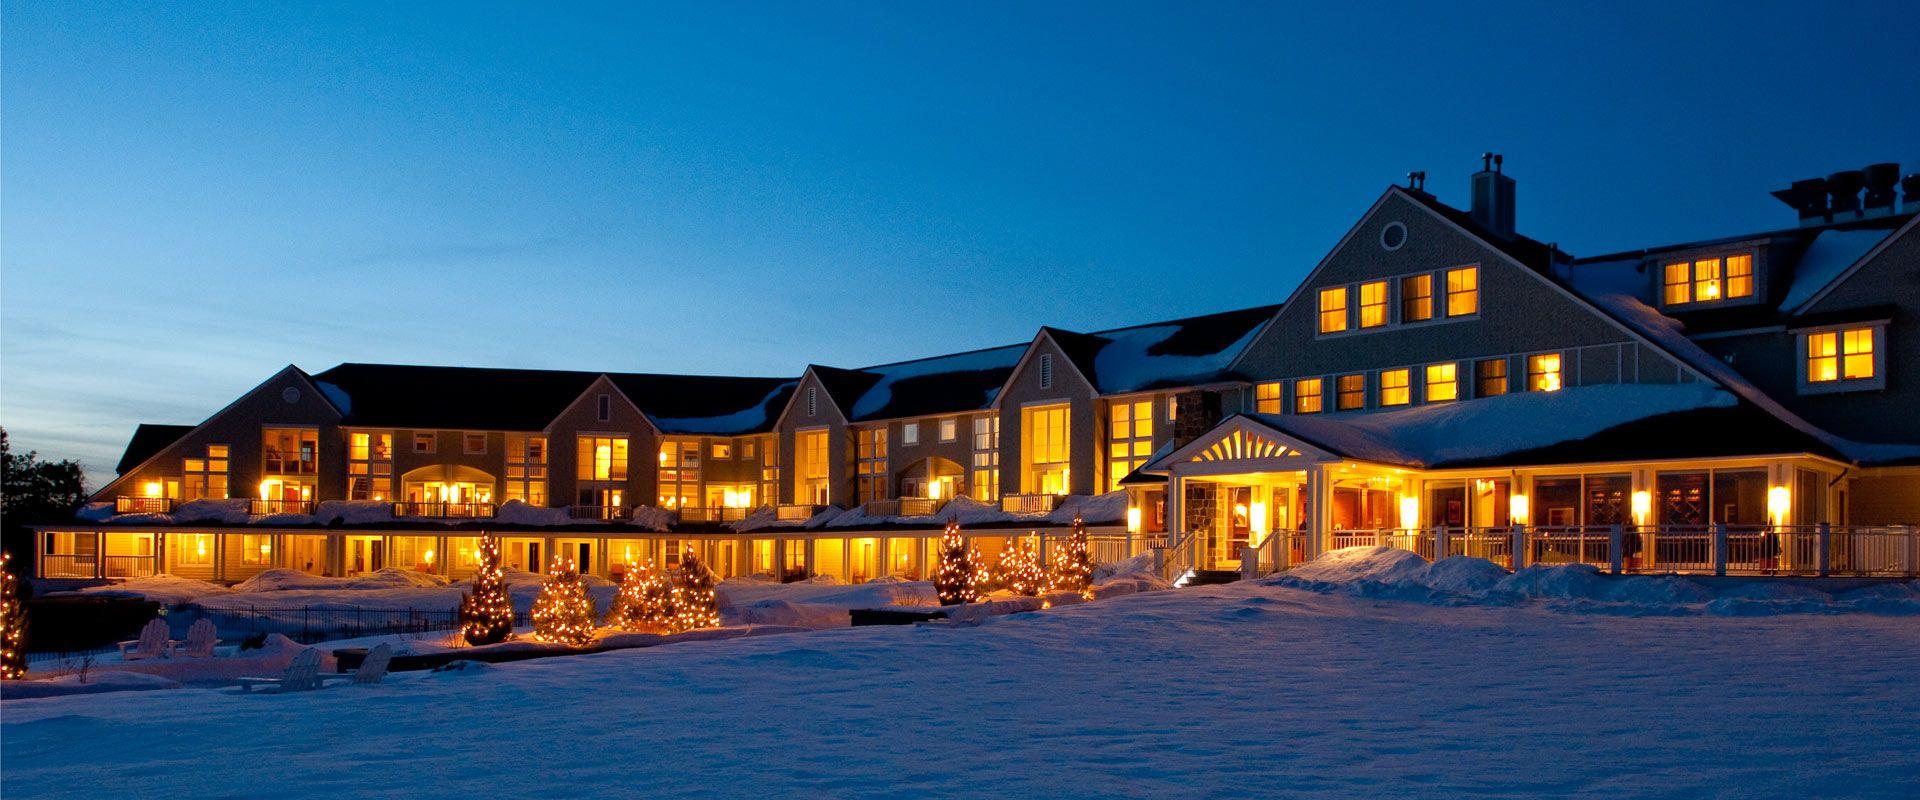 Oceanfront luxury resort hotel portland me luxury resort